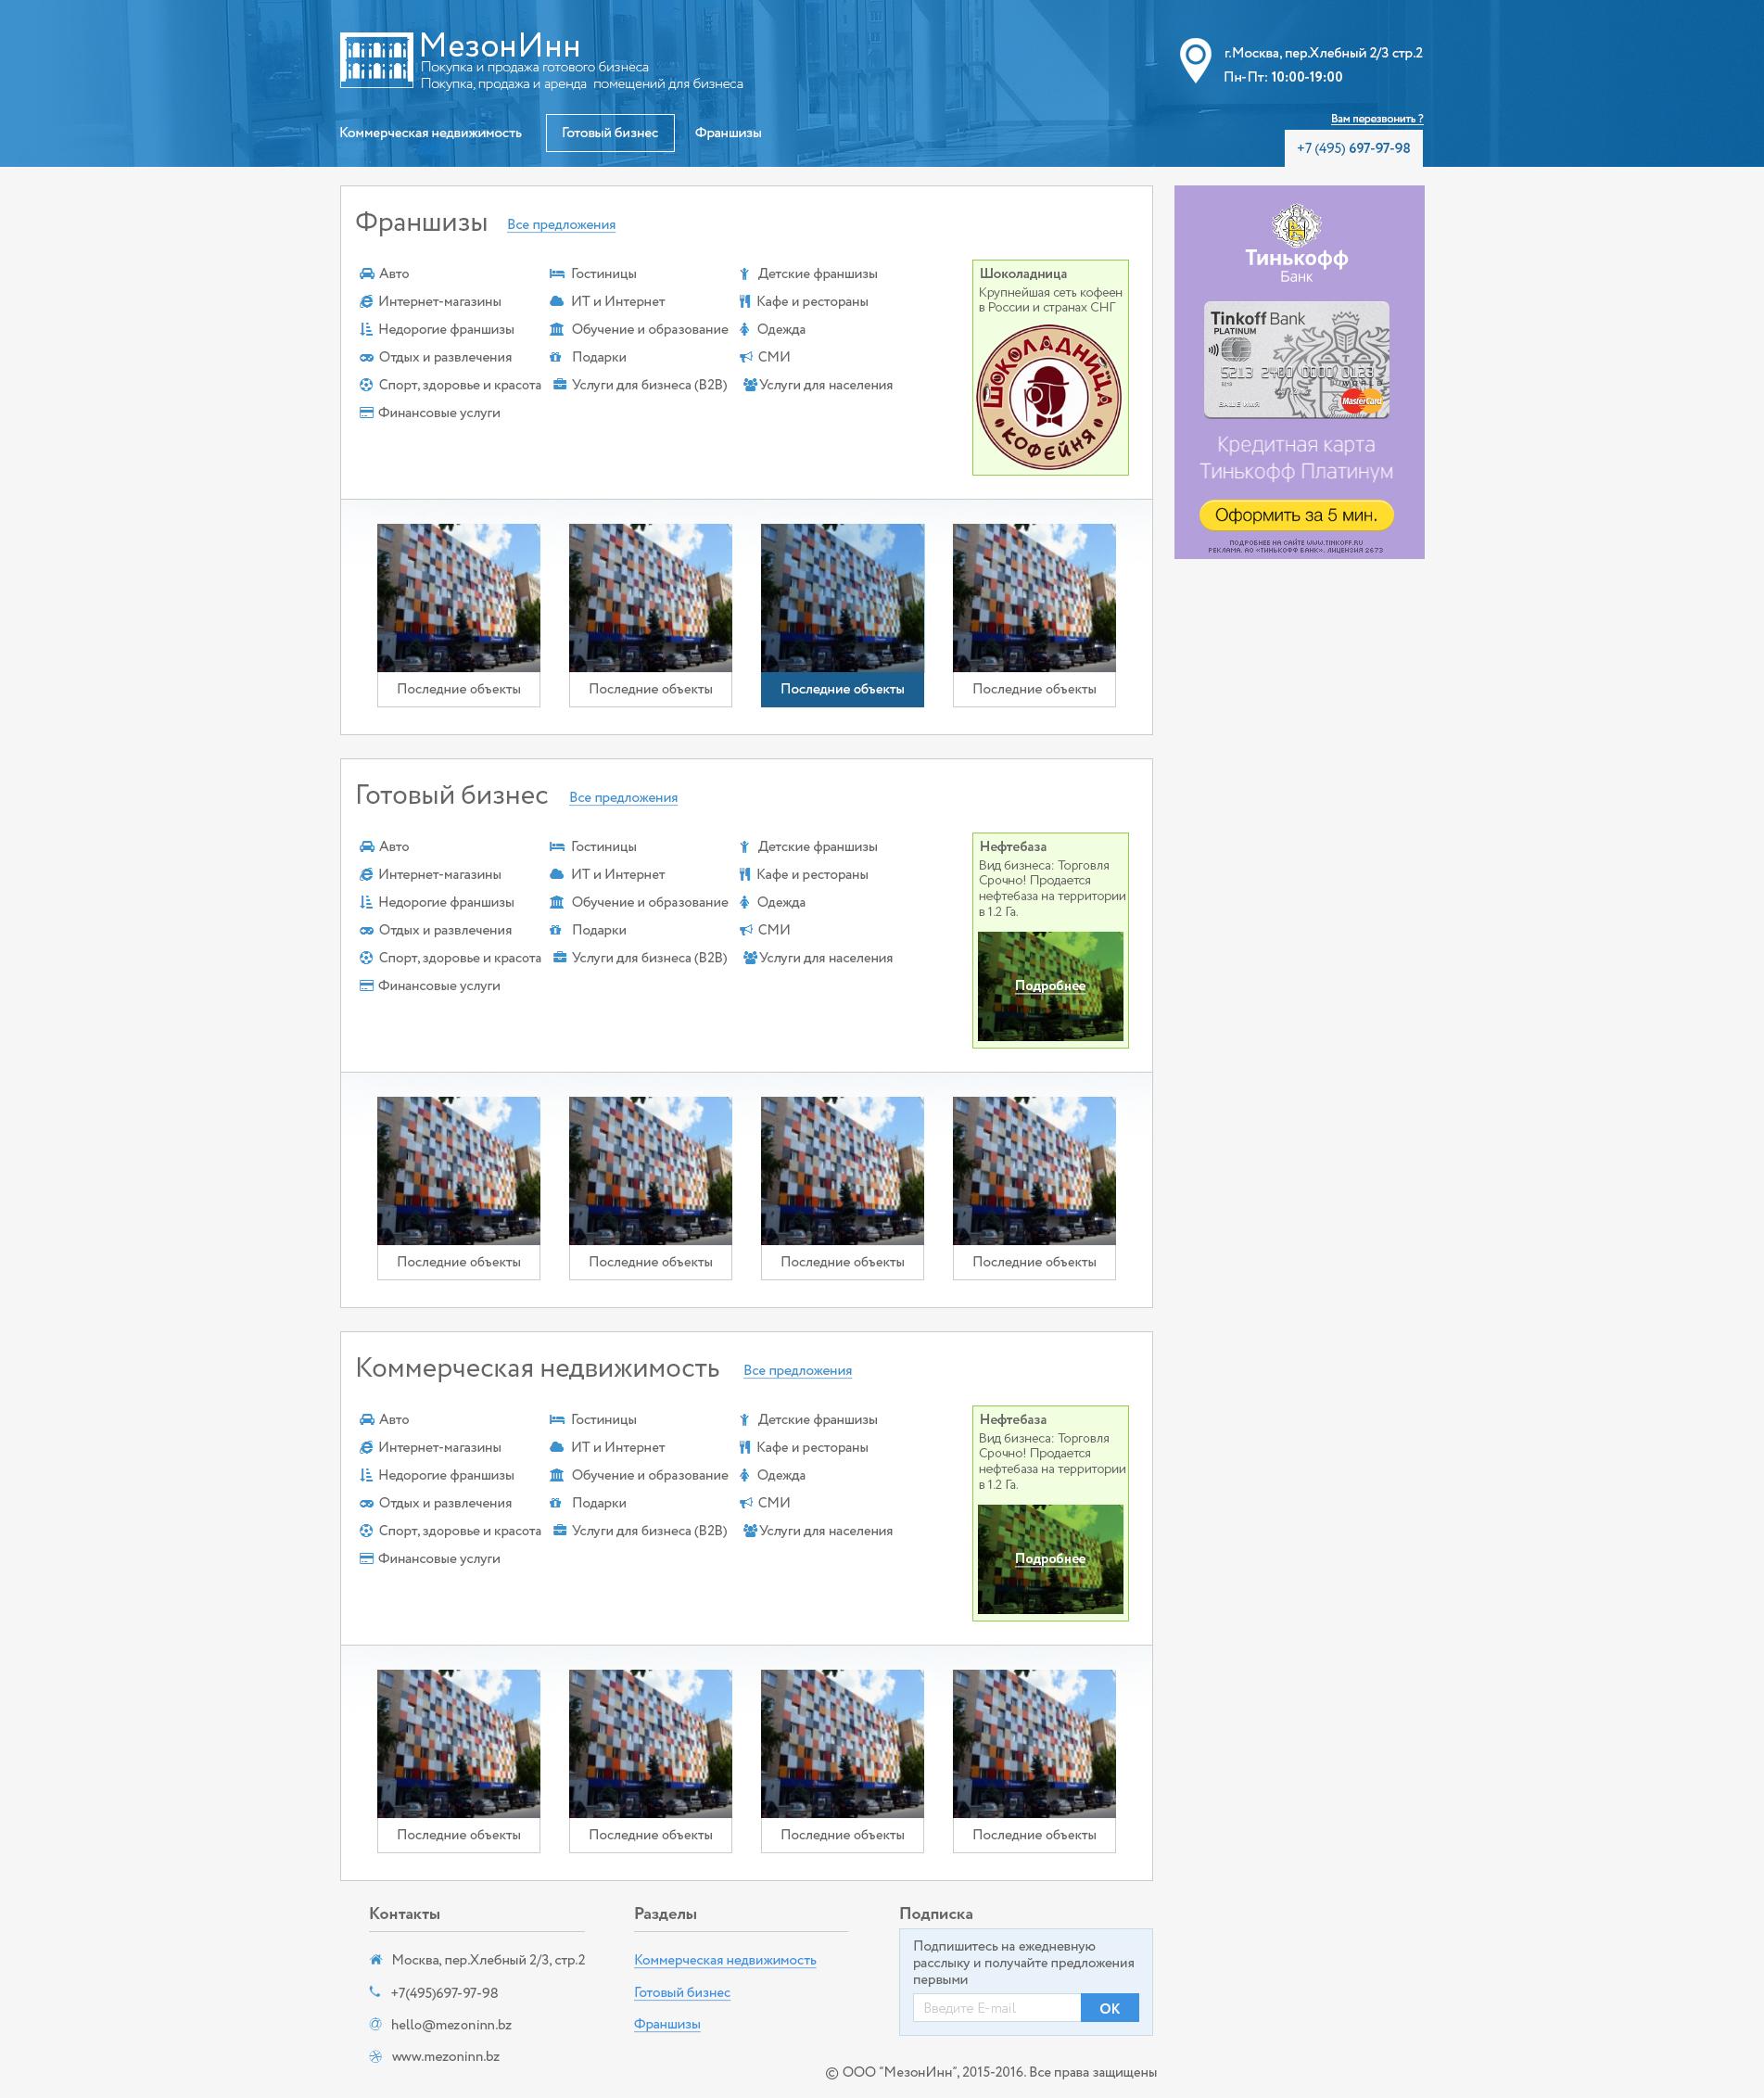 Доработать дизайн главной страницы сайта фото f_676574c586caeb53.jpg